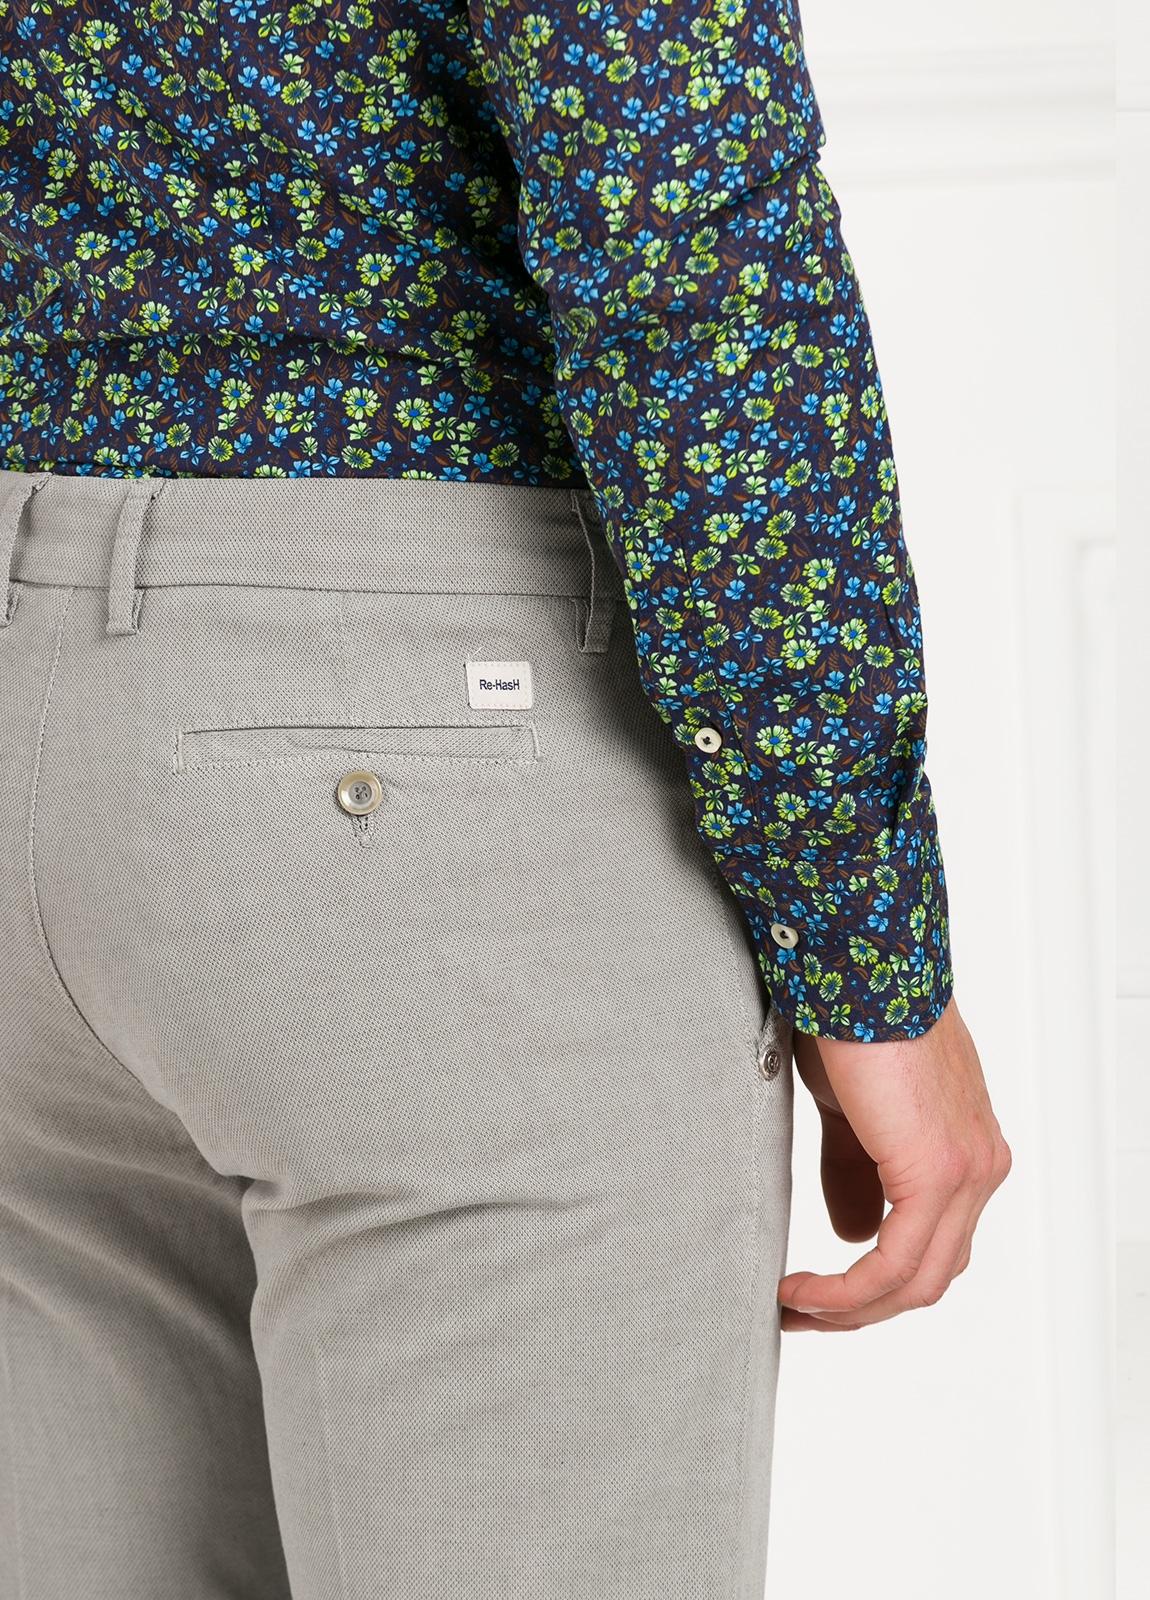 Pantalón sport modelo MUCHA P294 color gris. Algodón y elastáno. - Ítem1